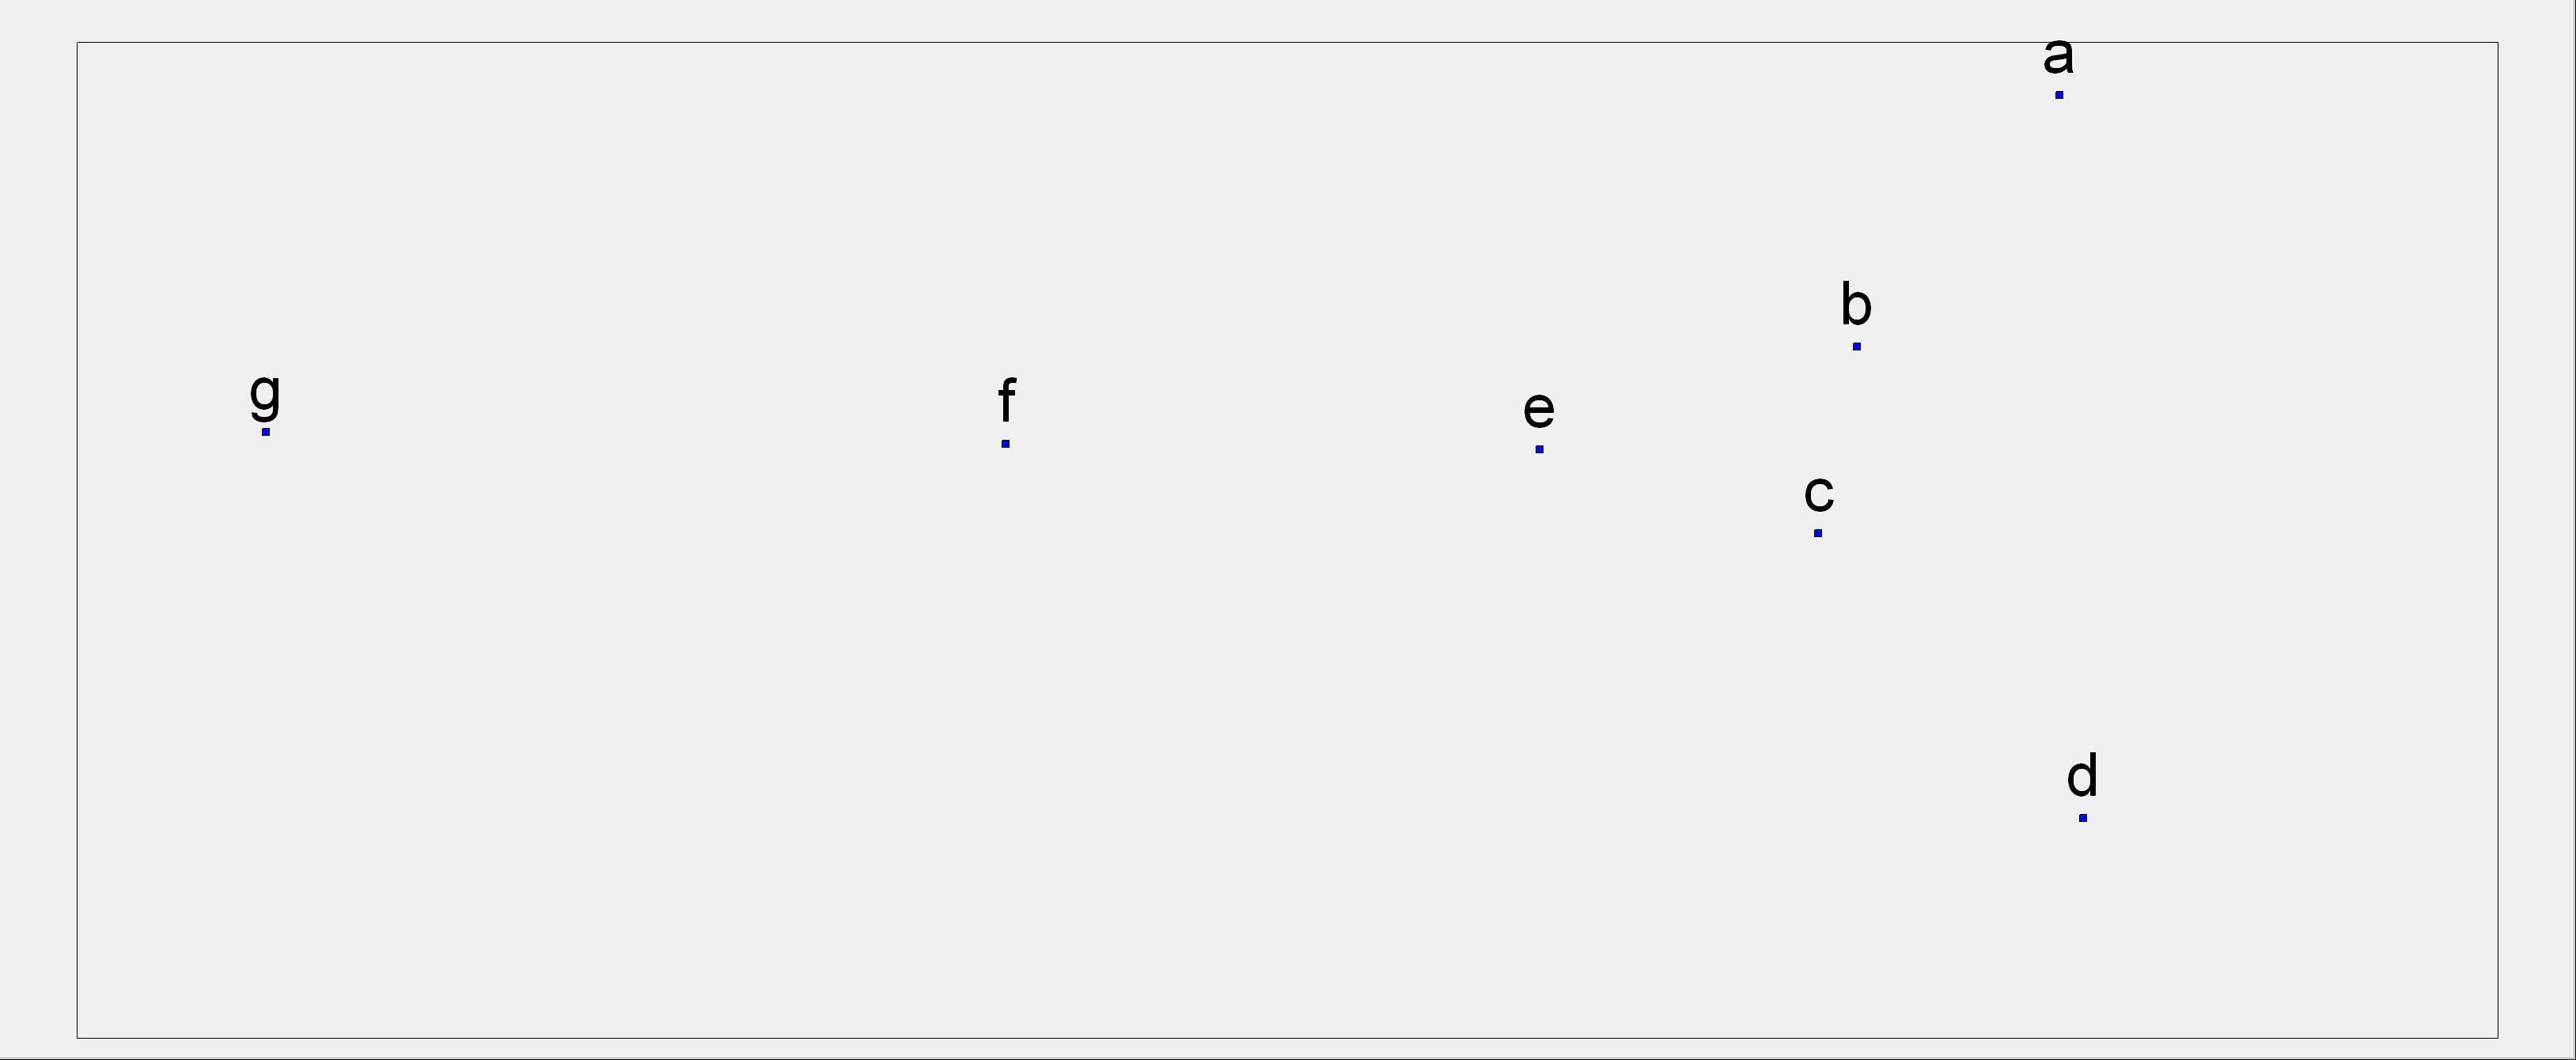 fig_6.1.jpg